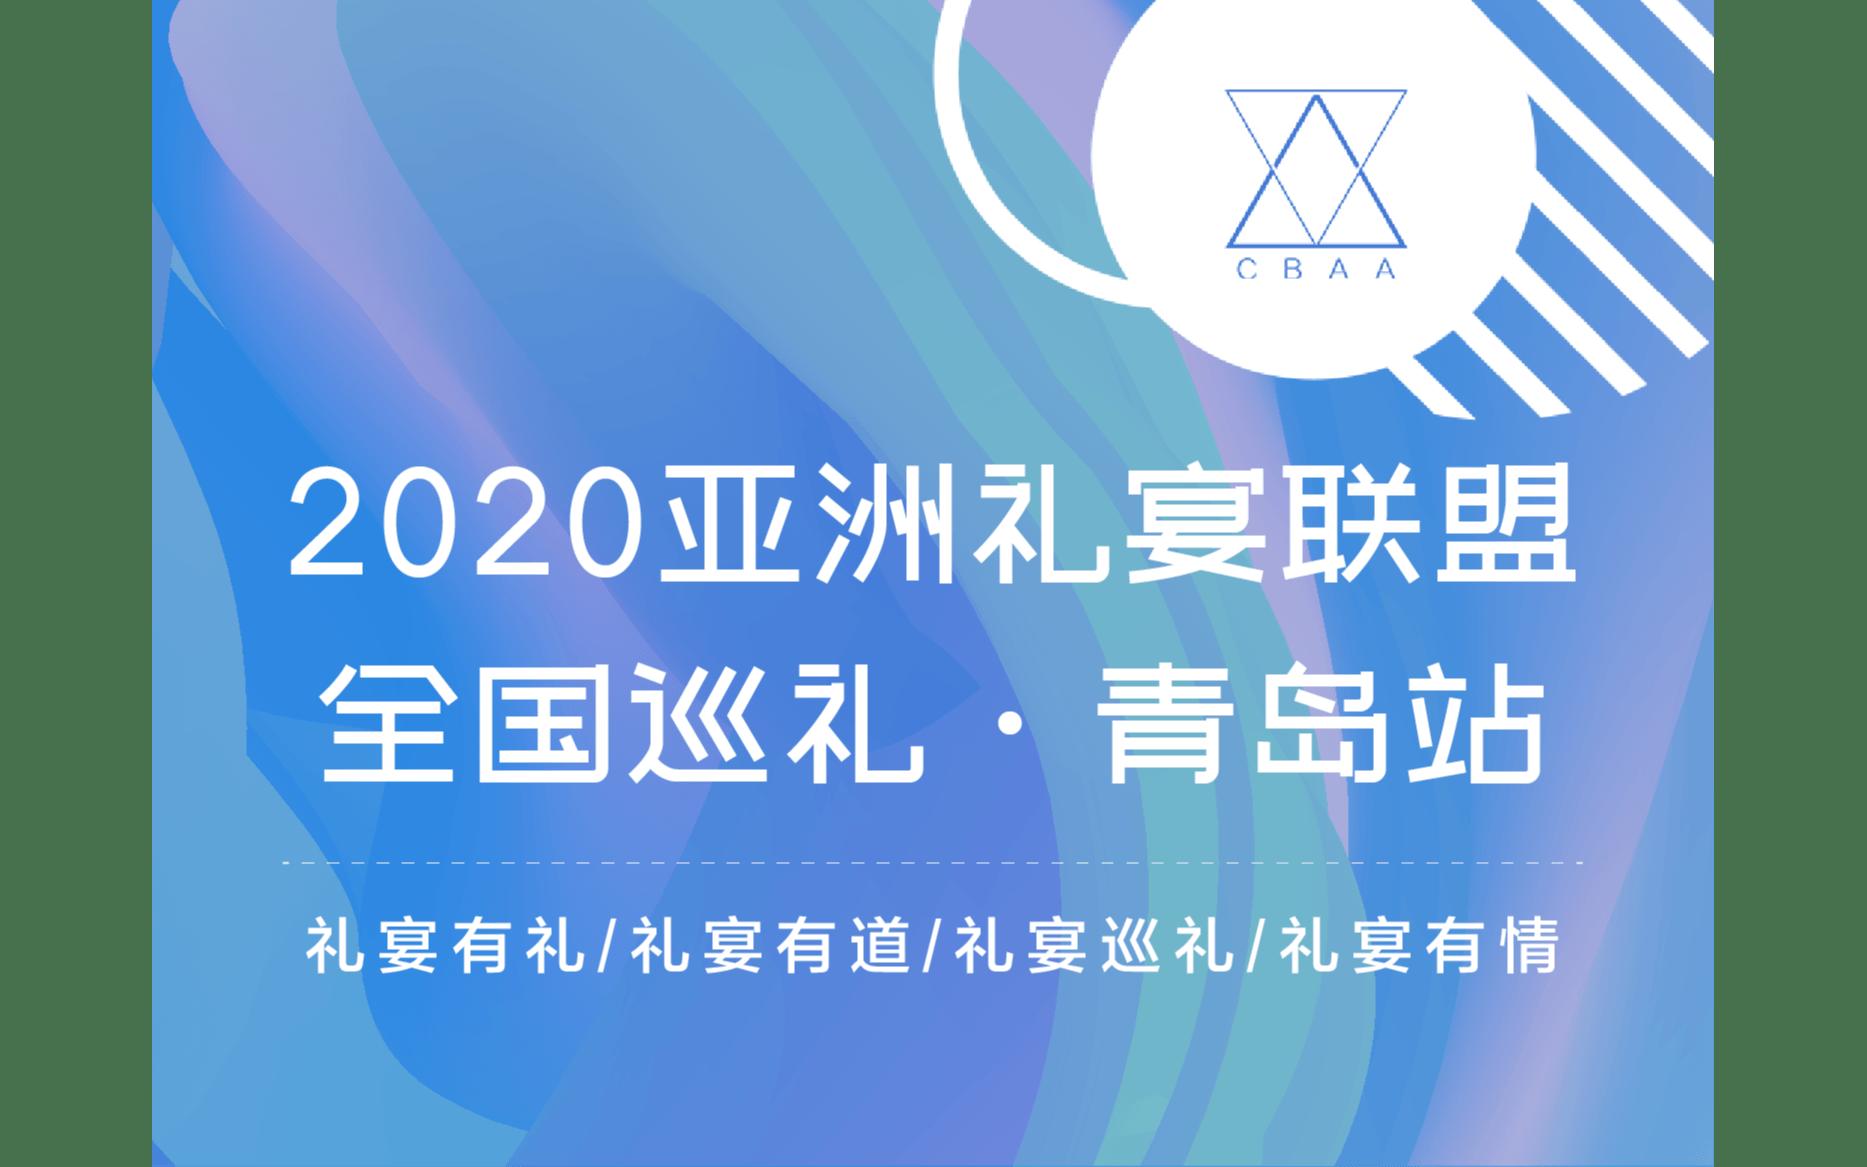 2020亚洲礼宴联盟【礼宴巡礼】青岛站